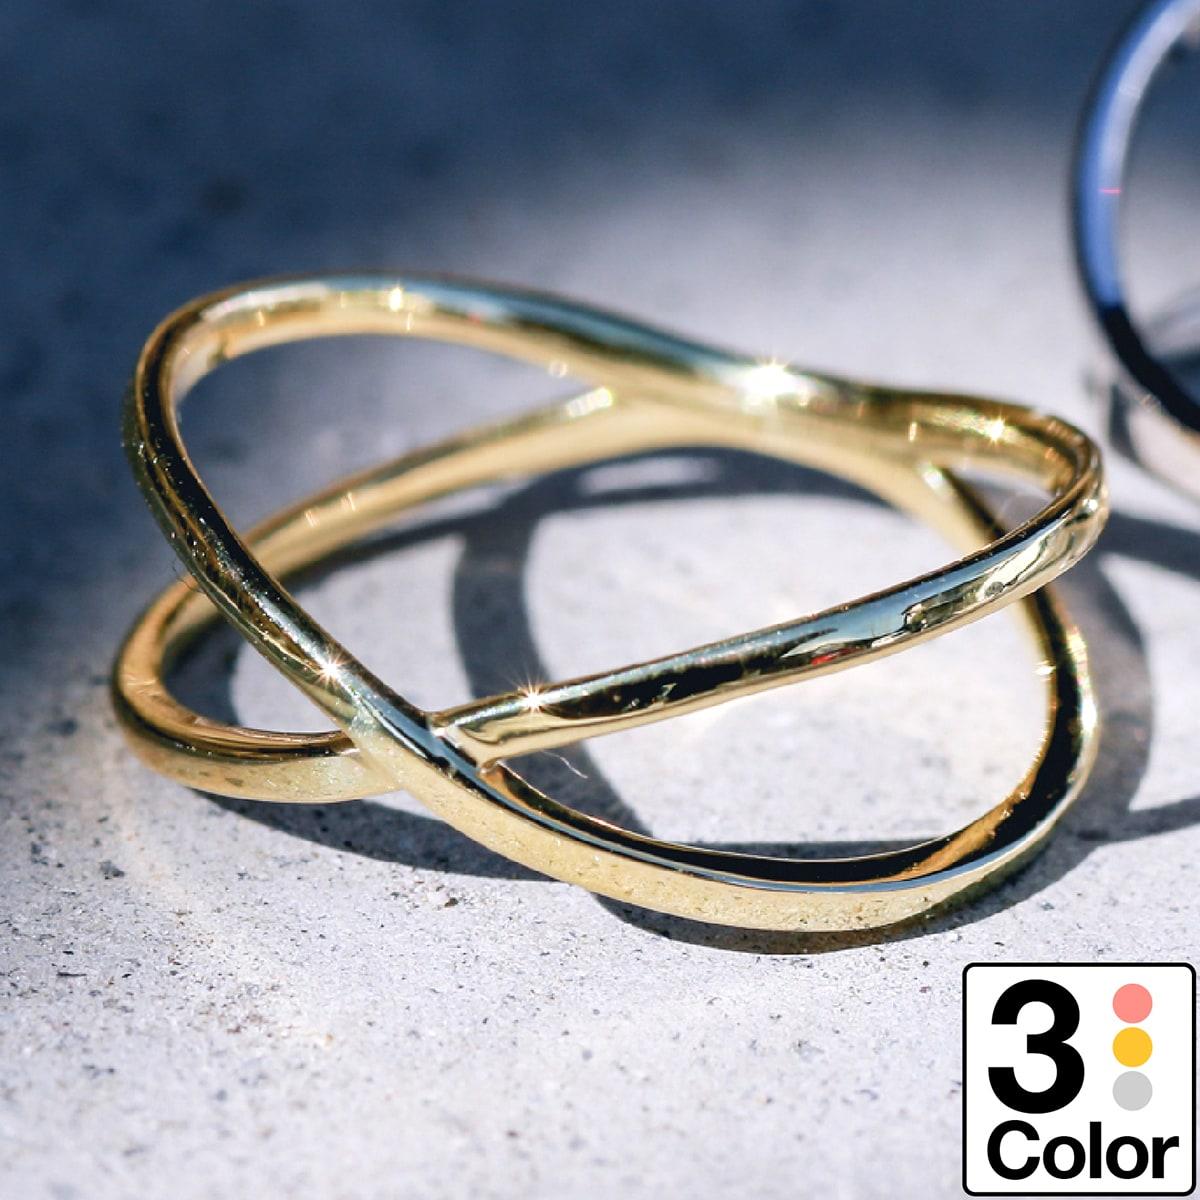 指輪 10金/k10/10k 女性 20代 30代 40代 50代 60代 こちらの商品はスーパーセール価格にて別ページで販売中です。リンク先は商品ページ内に御座います!